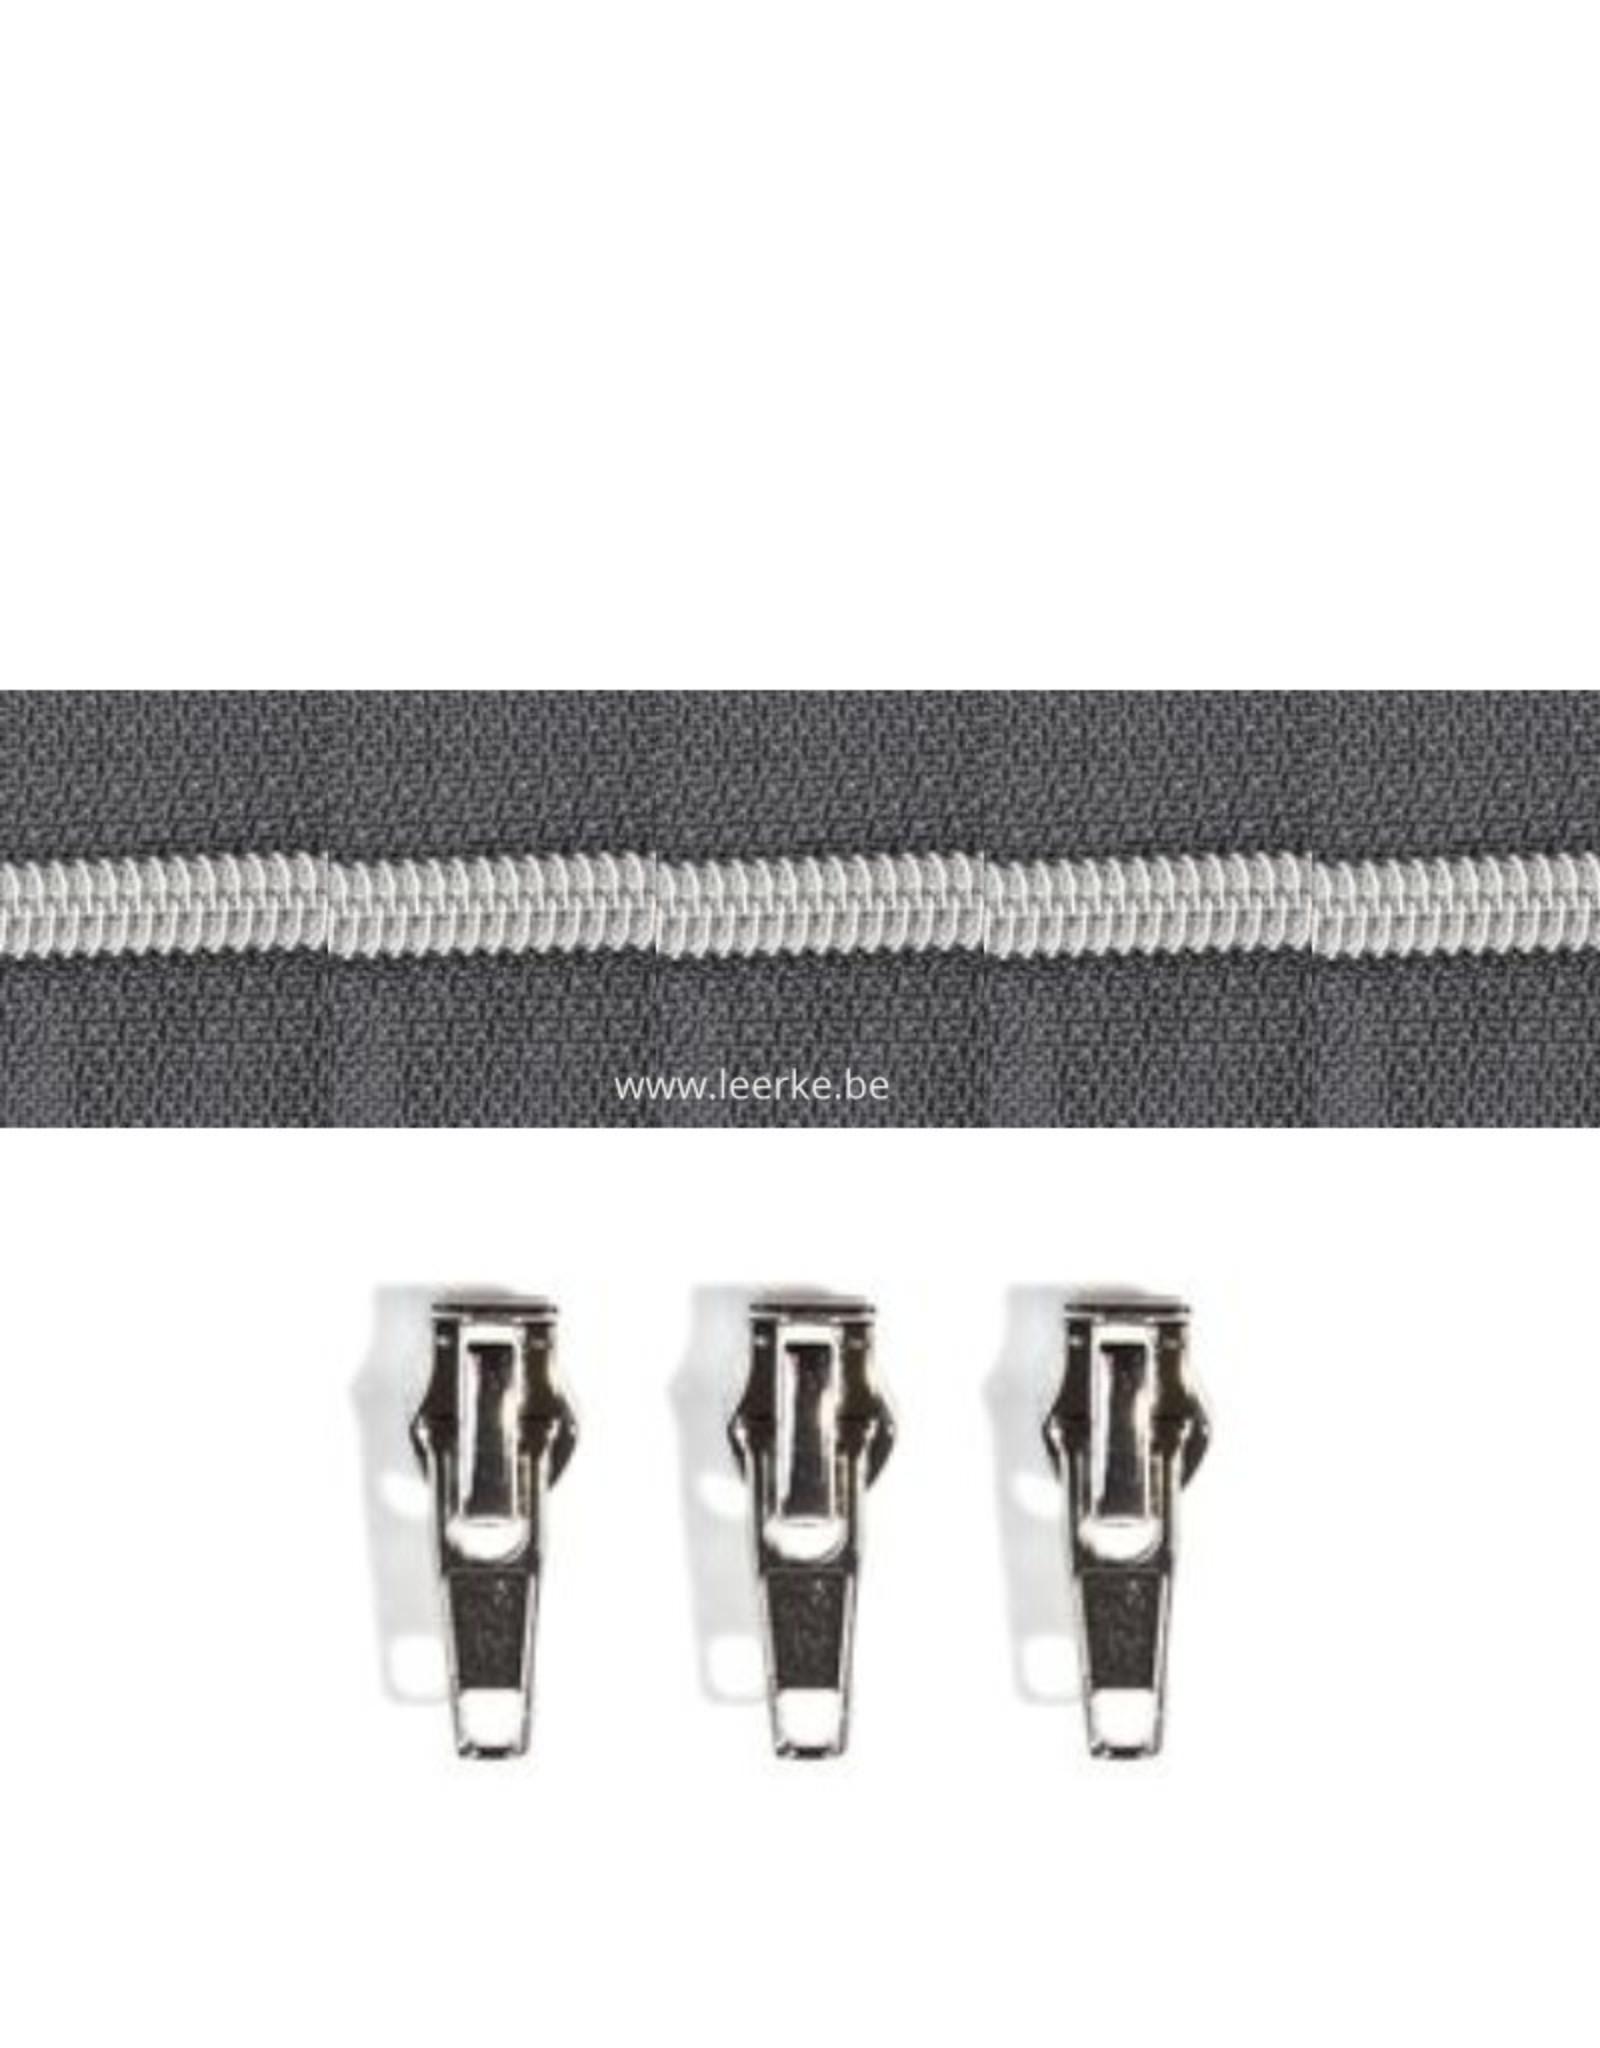 Rits per meter (incl. 3 trekkers) - Zilver- Antraciet - Size 6,5